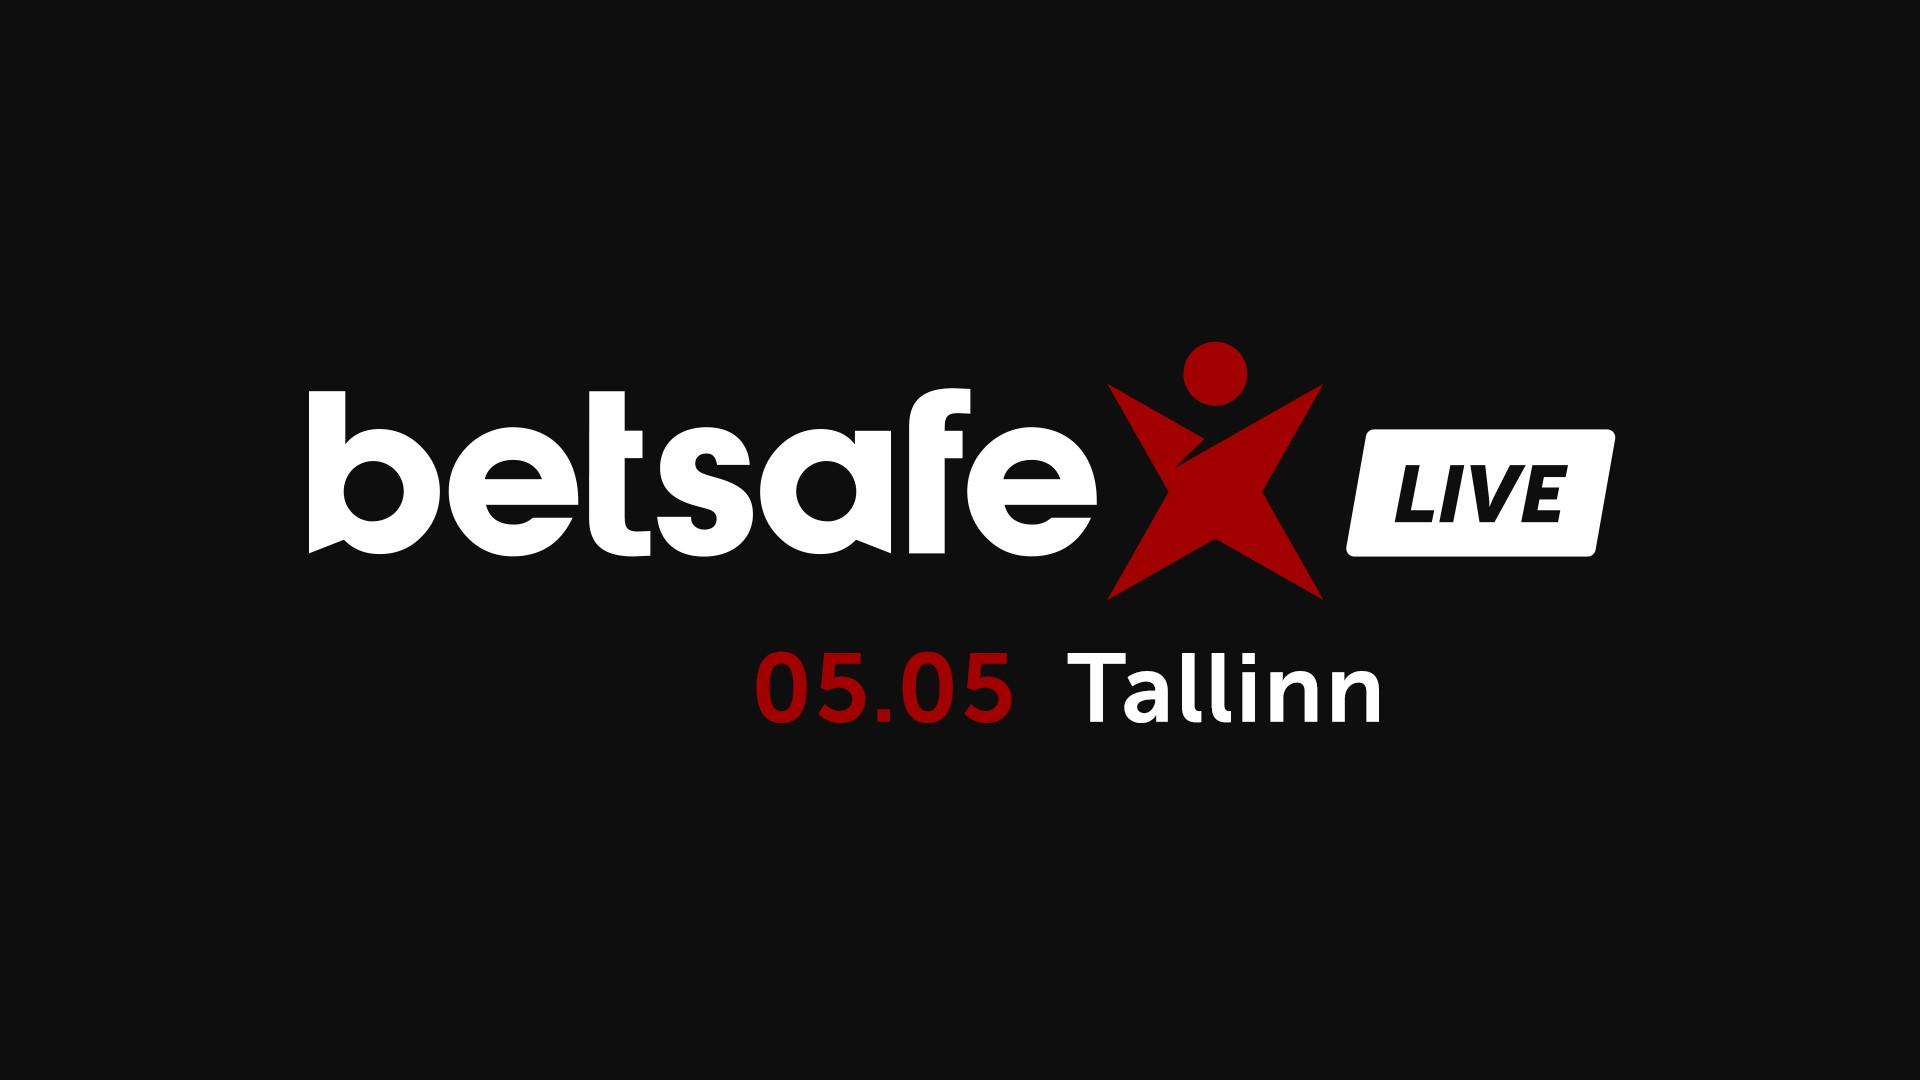 Betsafe Live